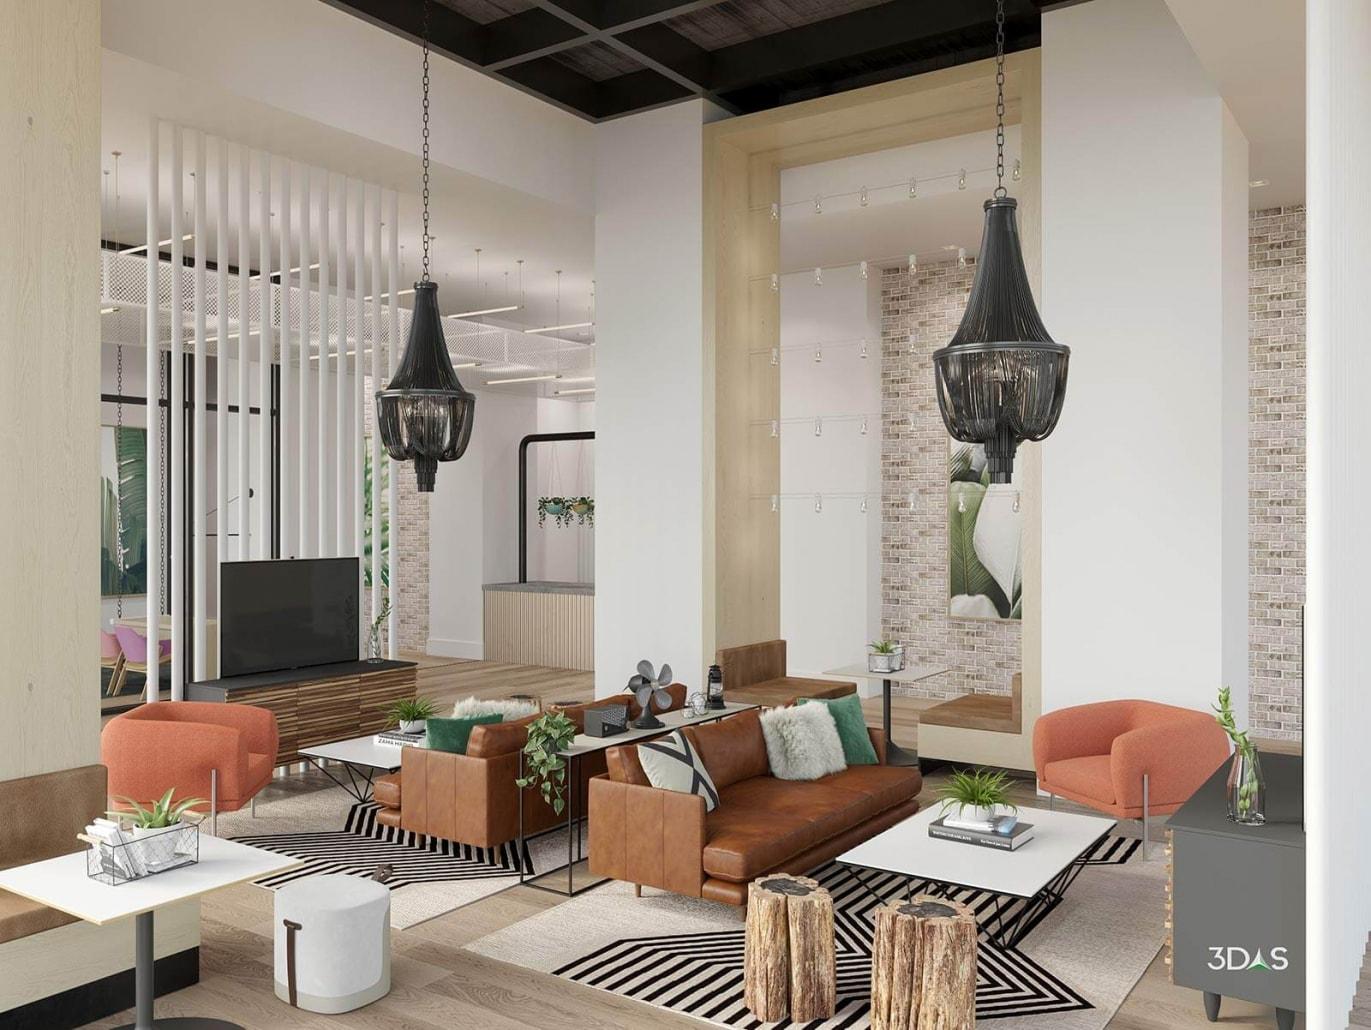 Midtown 8 Clubroom Lobby Interior 3D Rendering